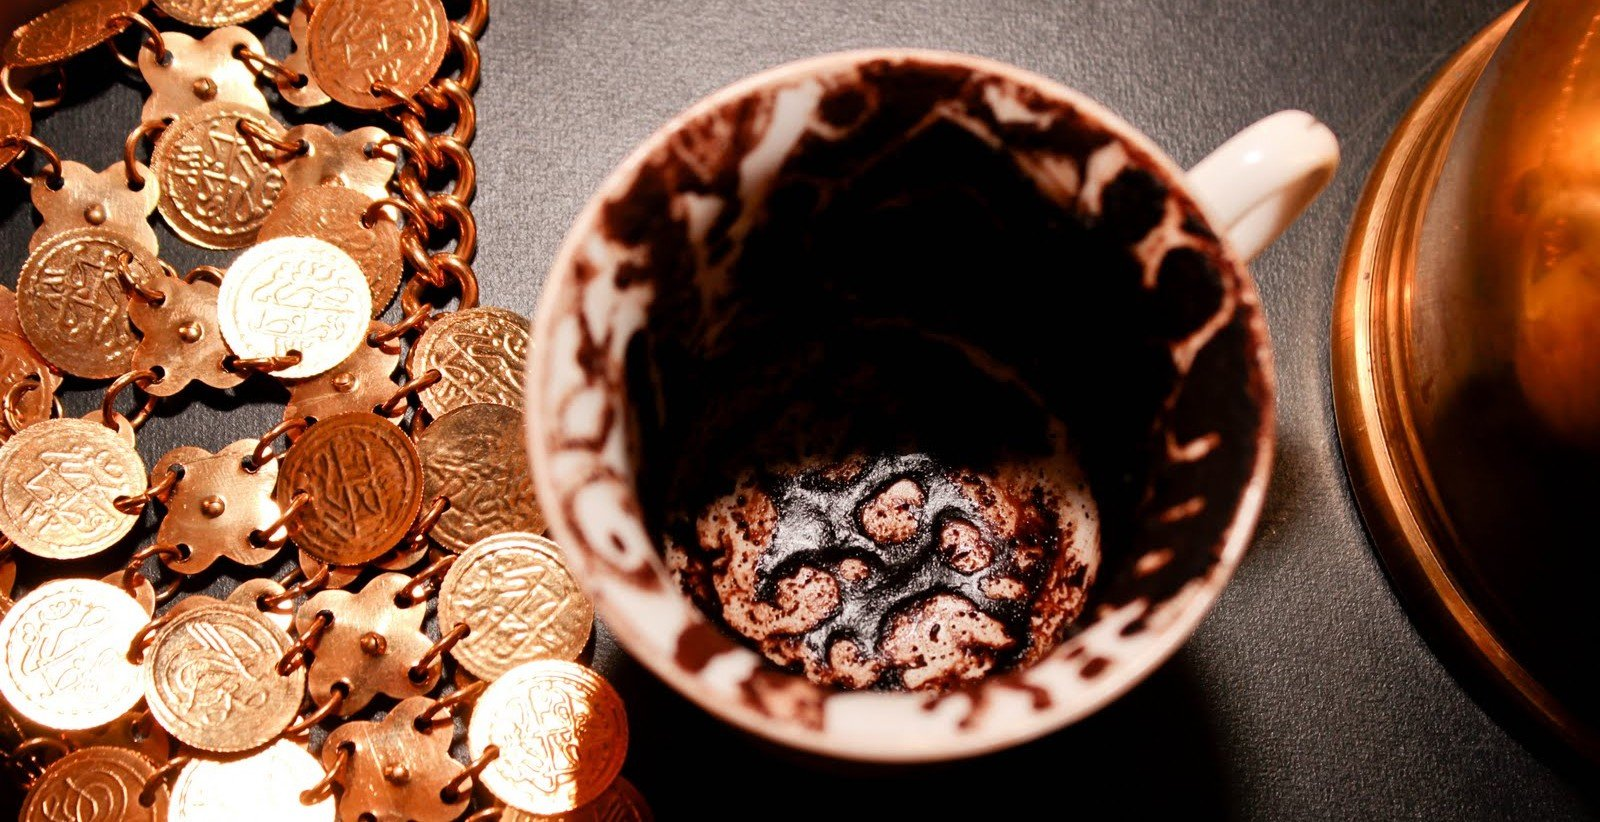 cafeomancia - leitura das borras de café